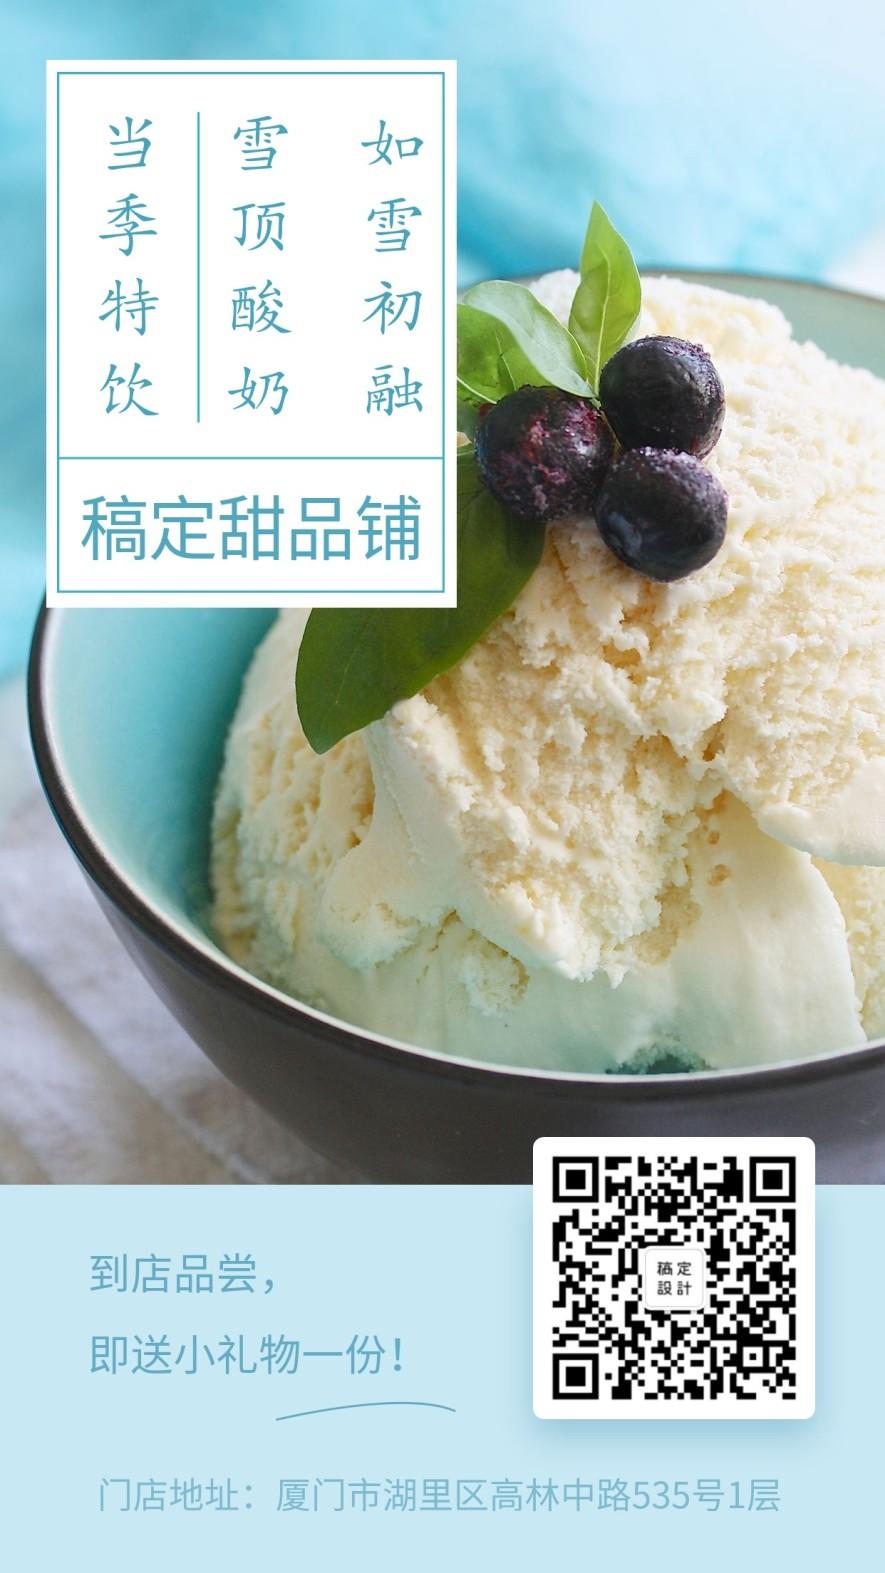 下午茶/夏季/甜品/手机海报